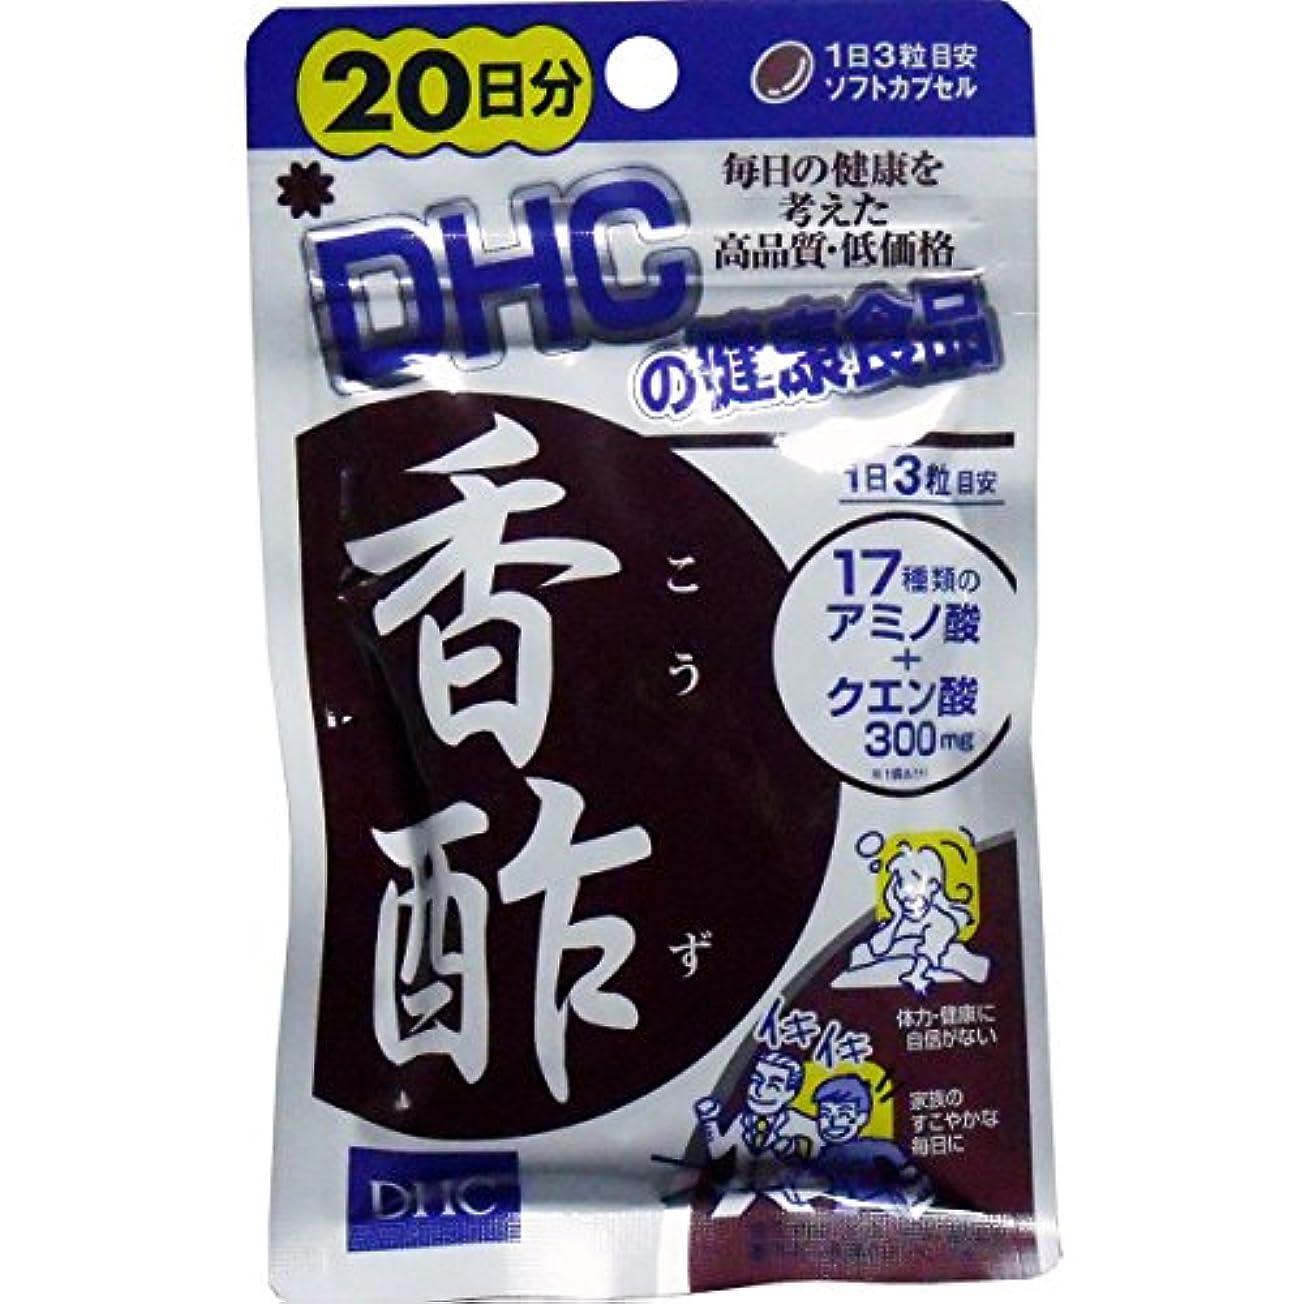 語スタジアムローズDHC 香酢 20日分 60粒入「3点セット」